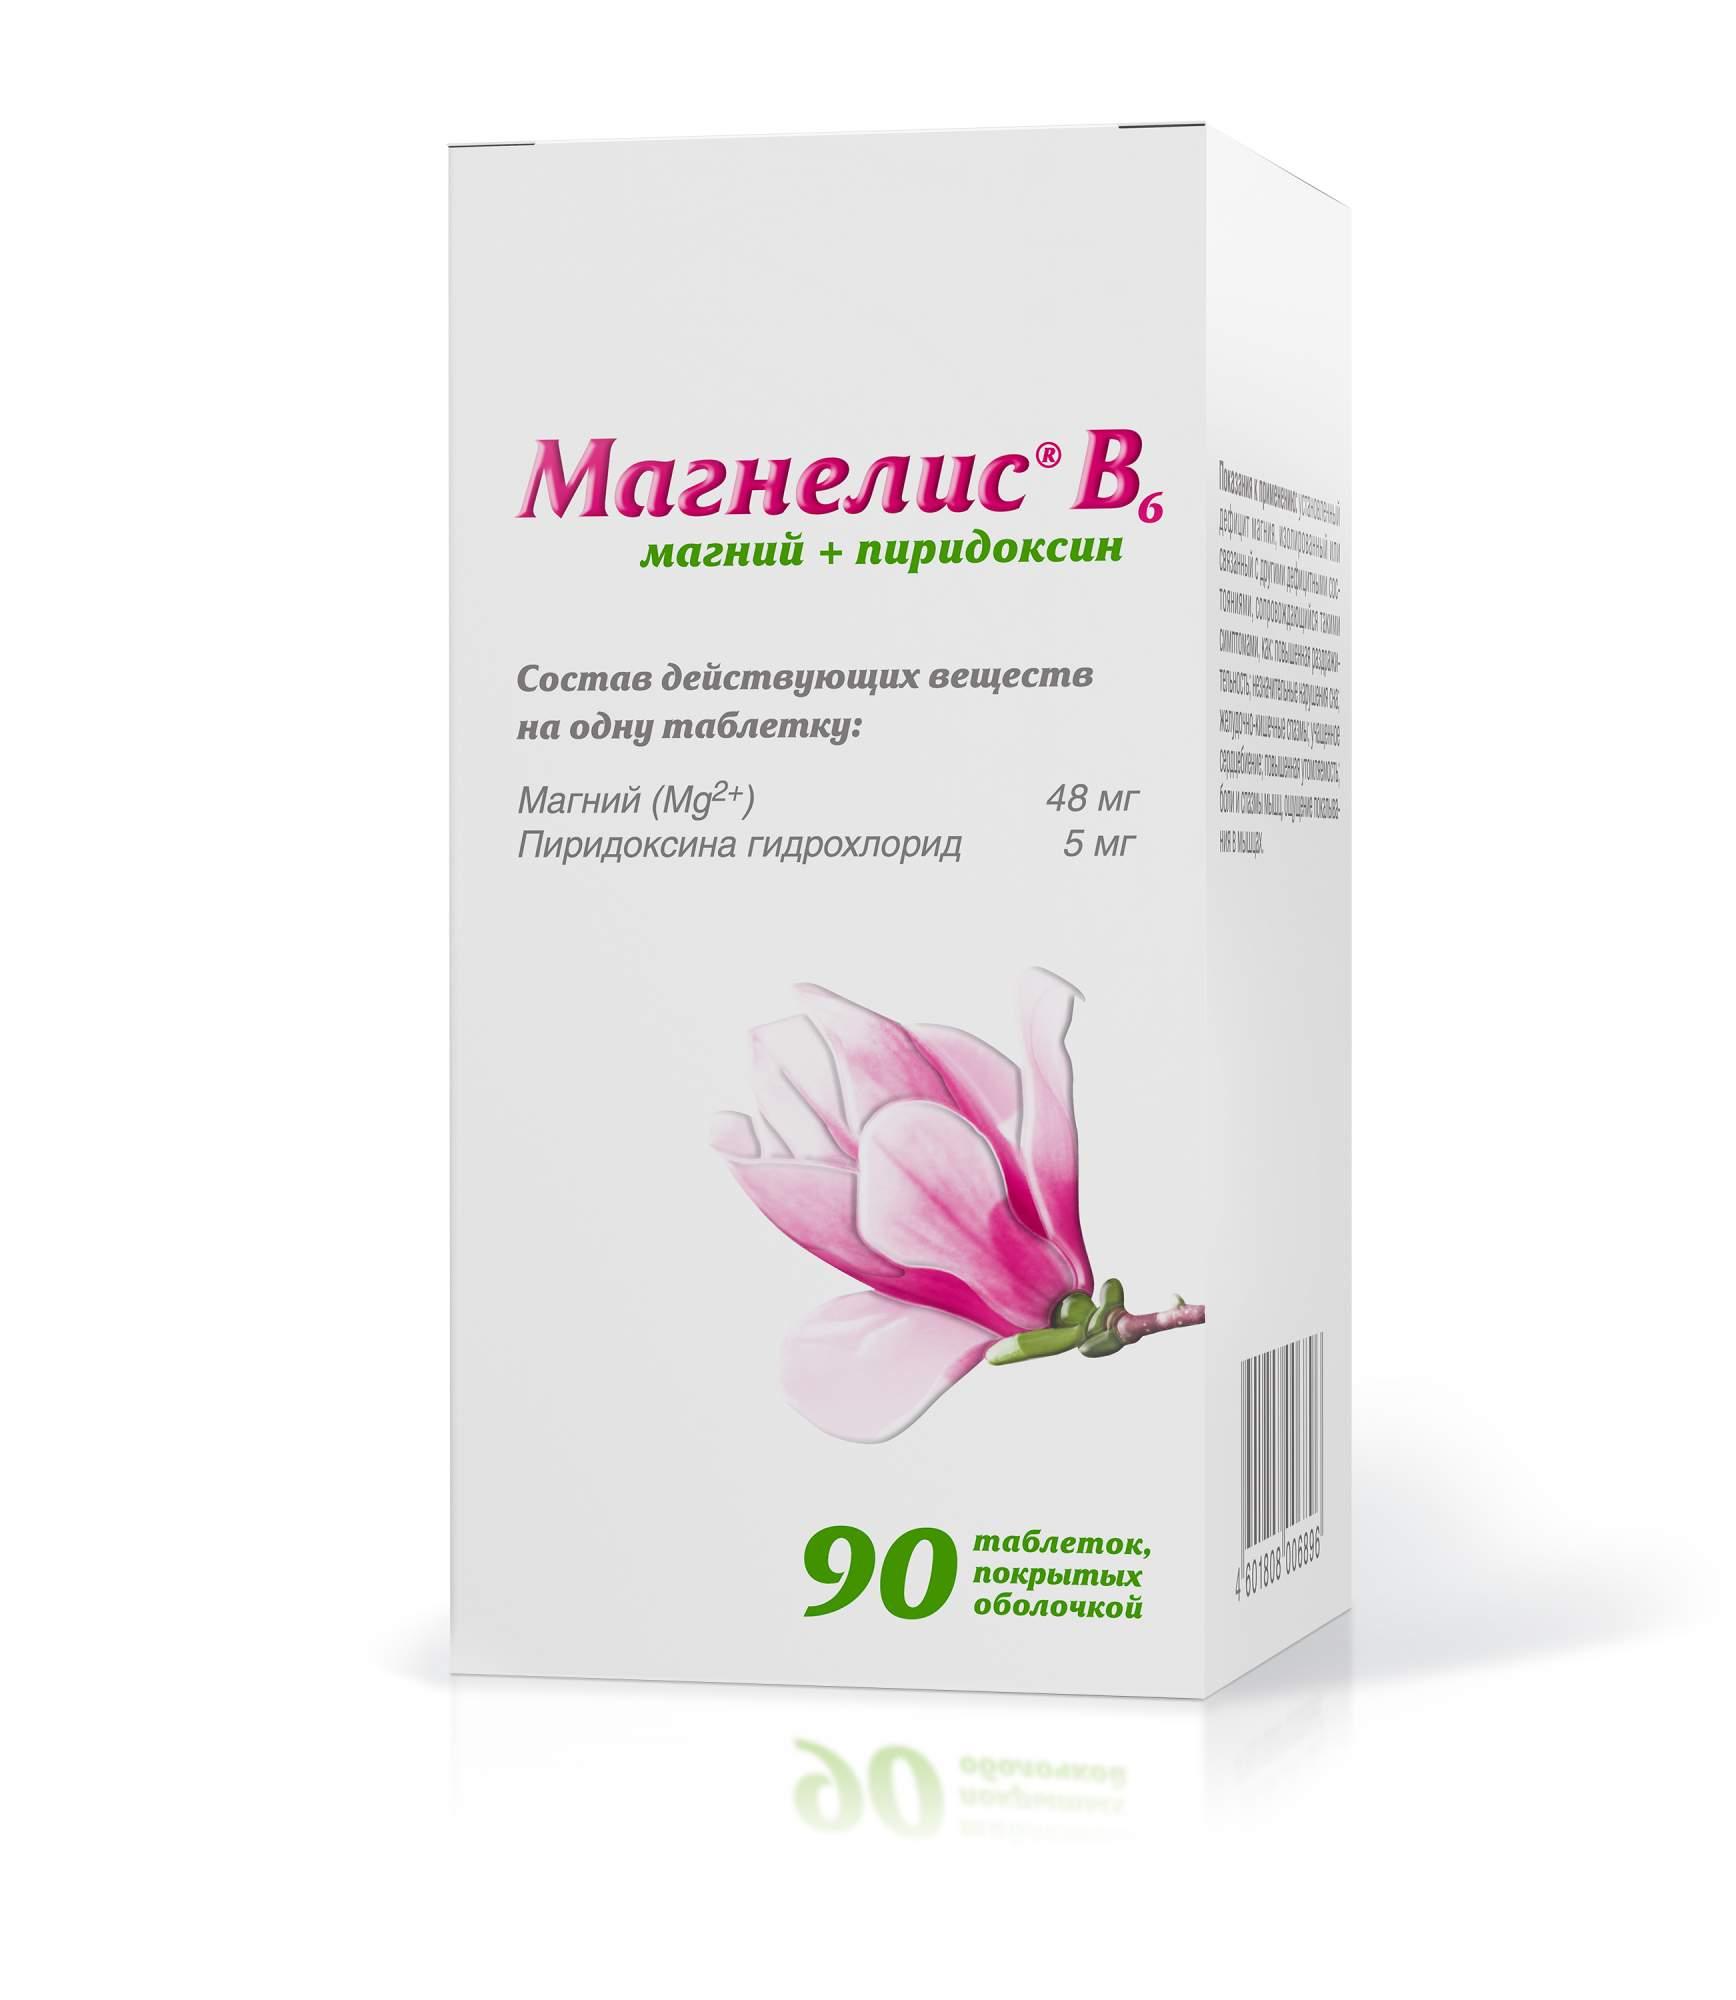 Сравниваем магнерот или магне в6 — что лучше? — обзор препаратов